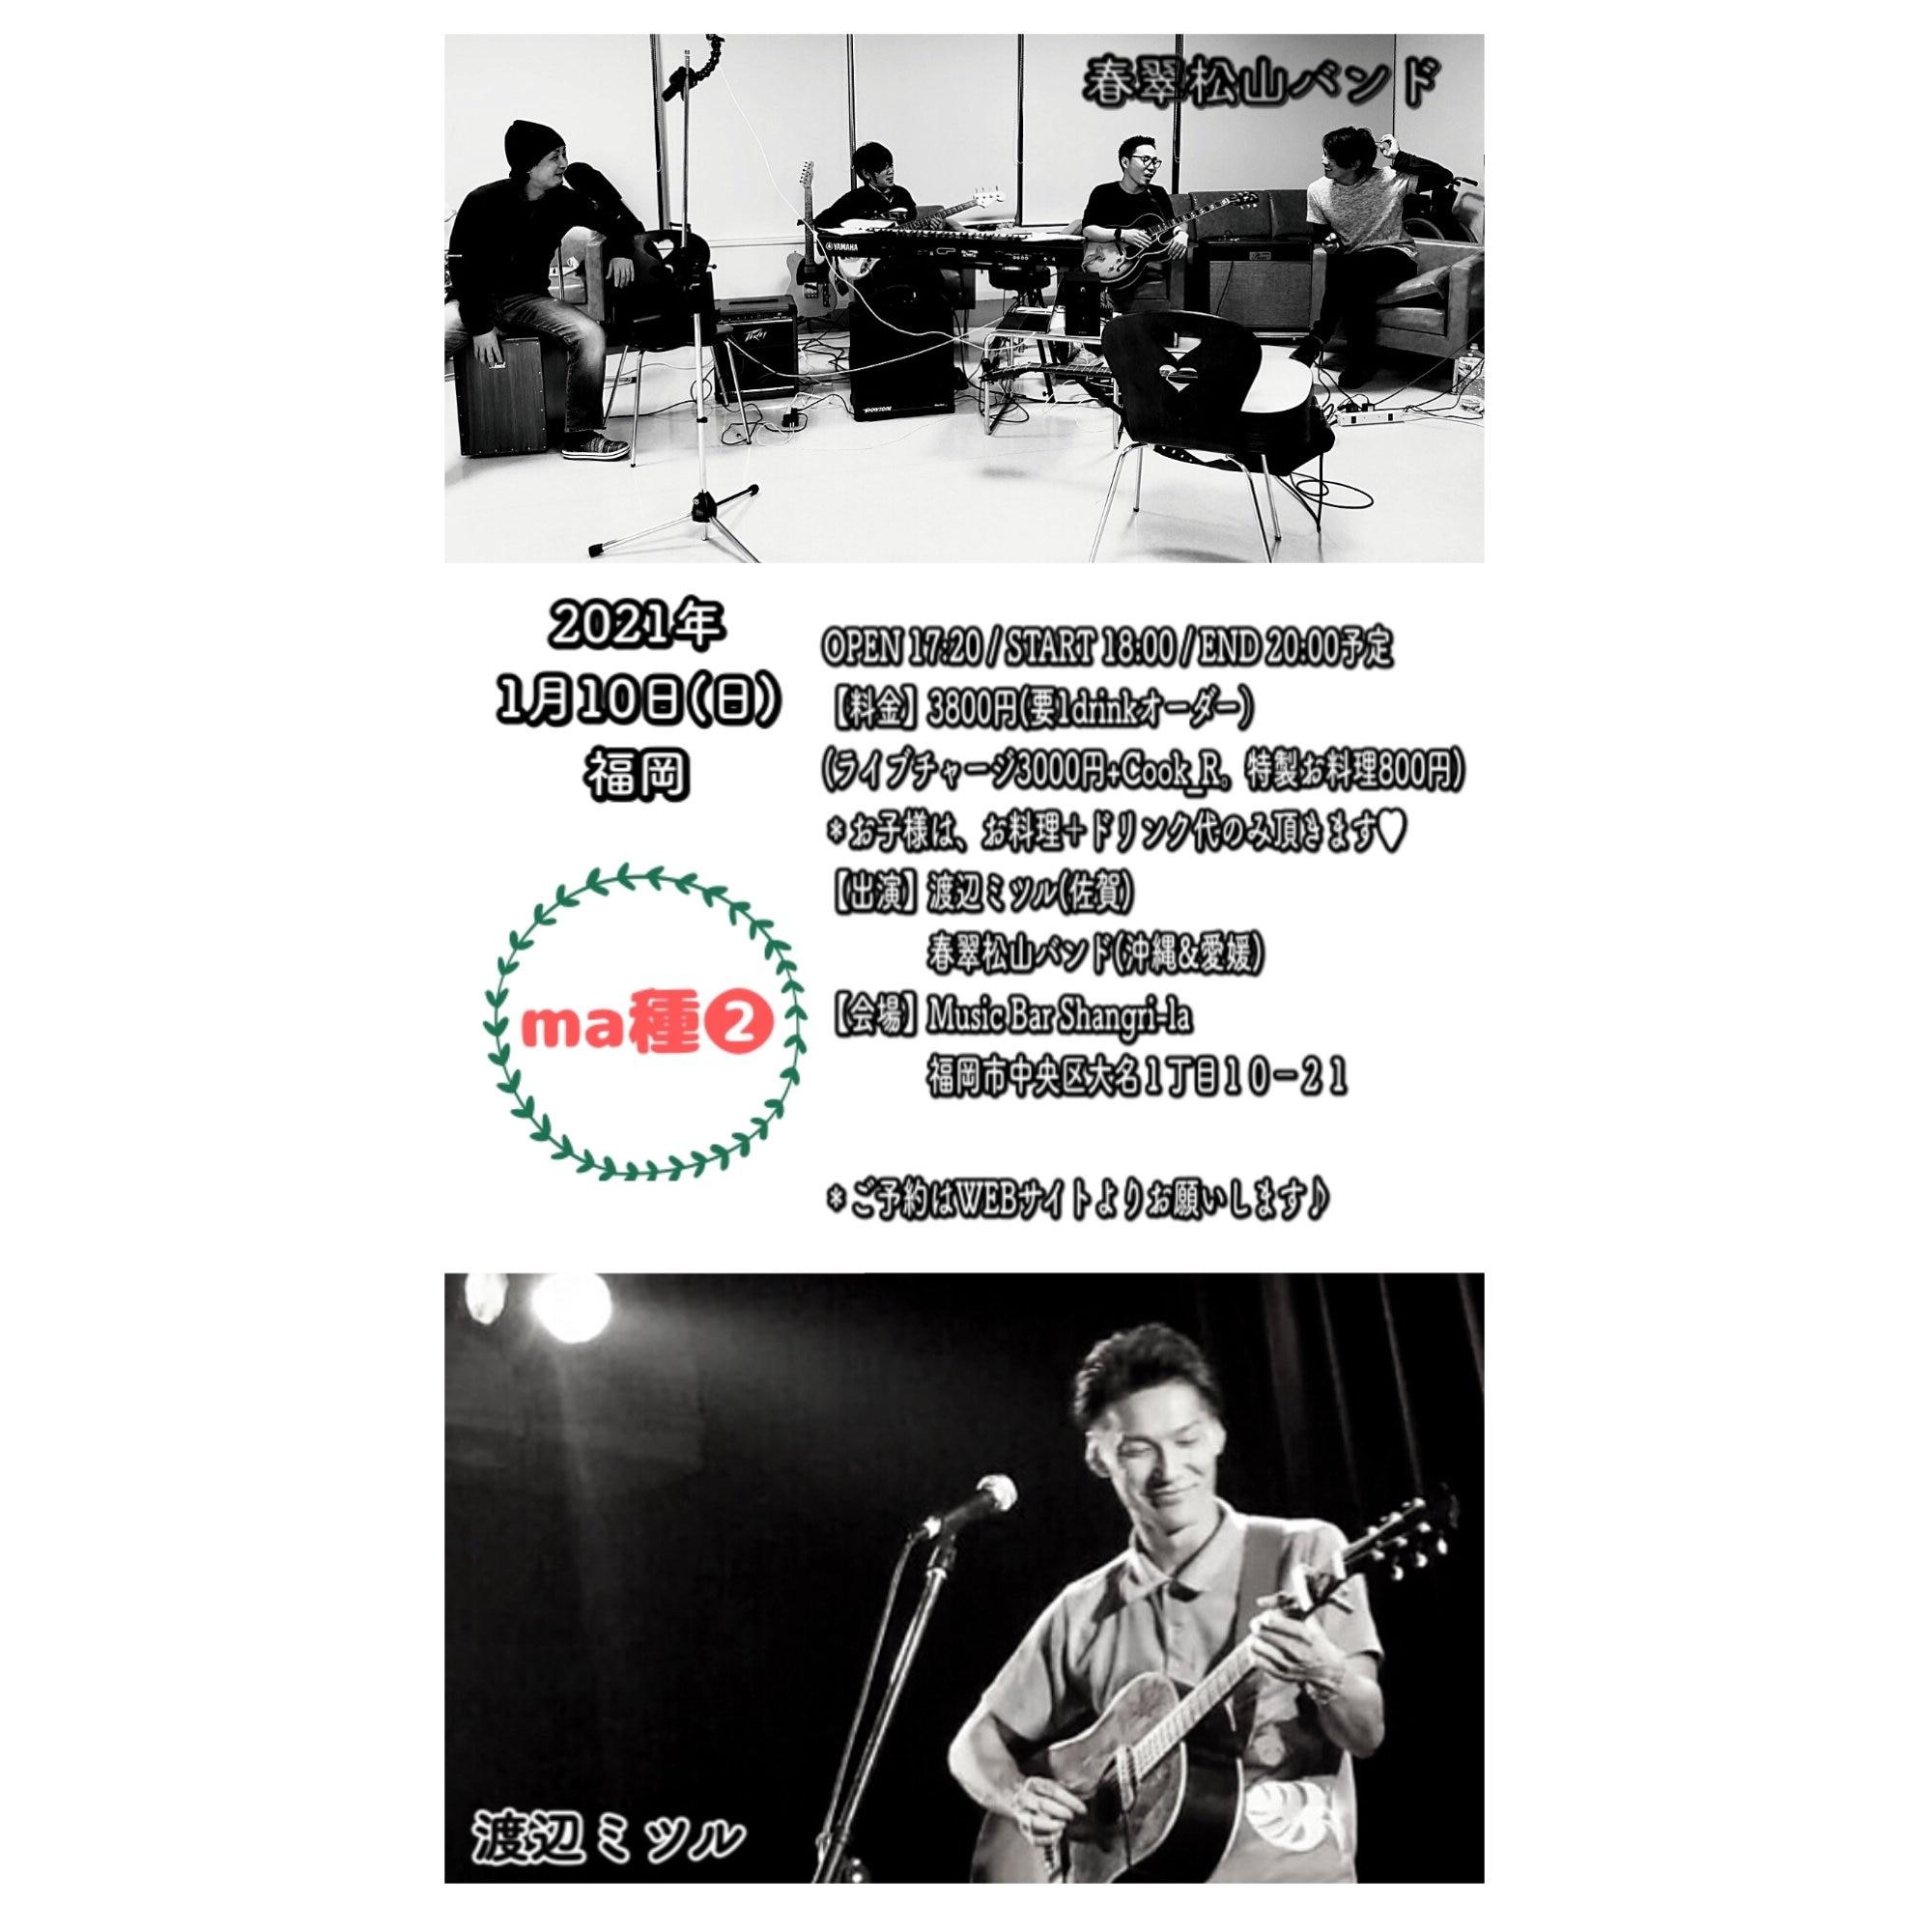 2021年1月10日(日) 〜食と音楽と人を繋ぐイベント〜ma種❷のイメージその1